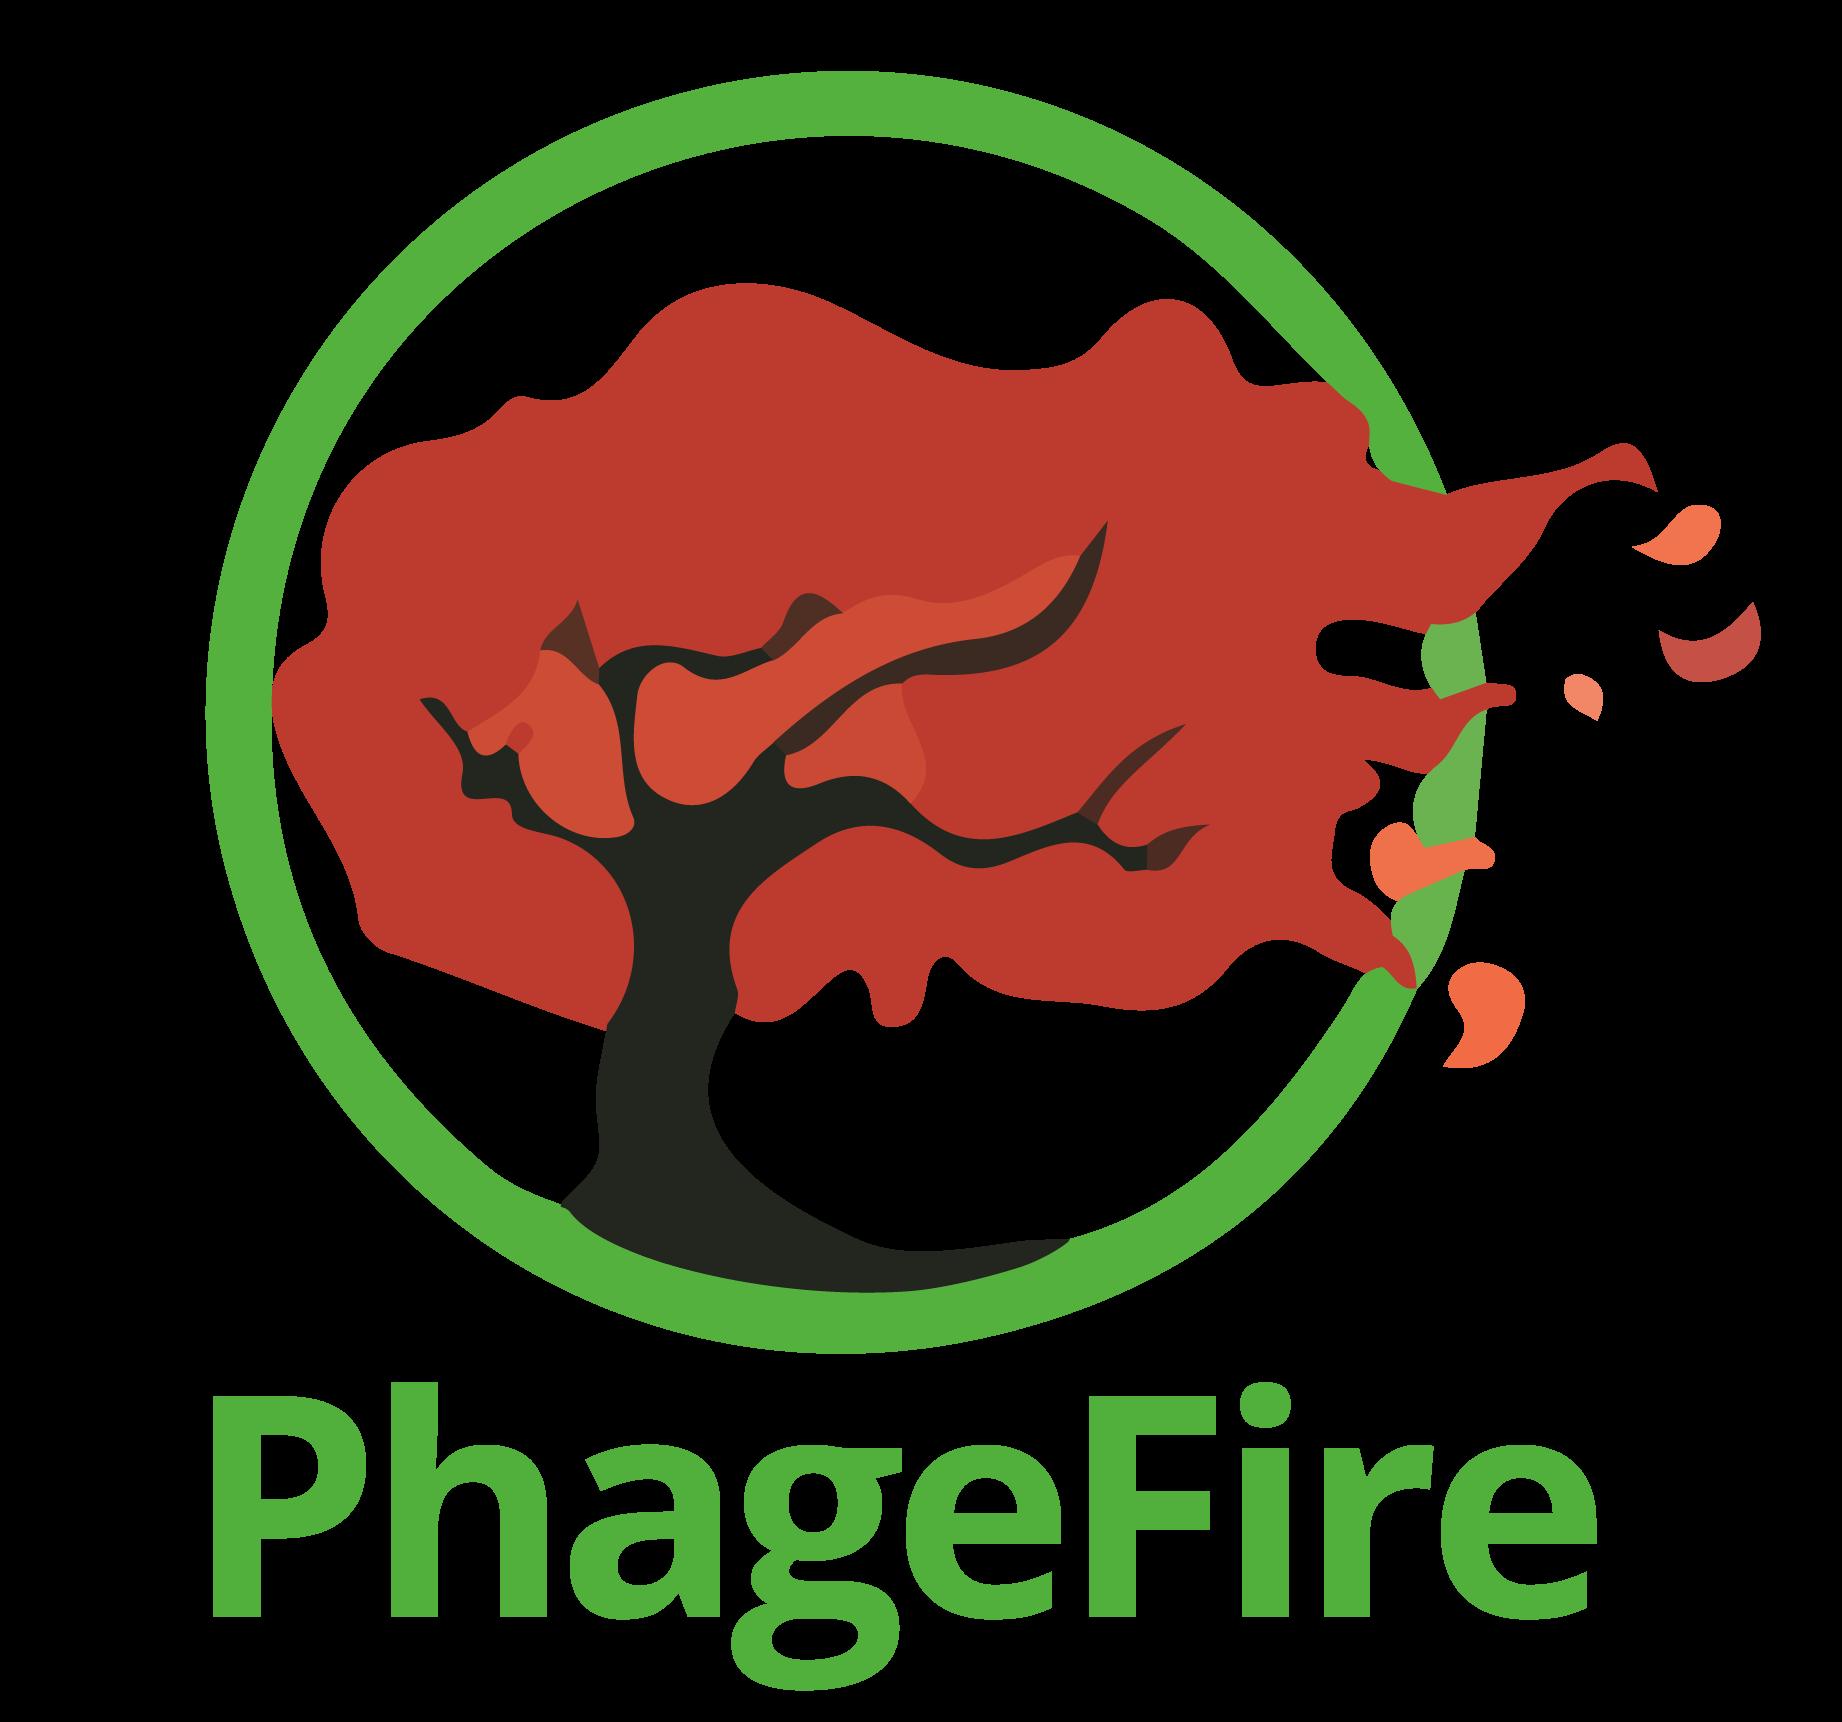 PhageFire